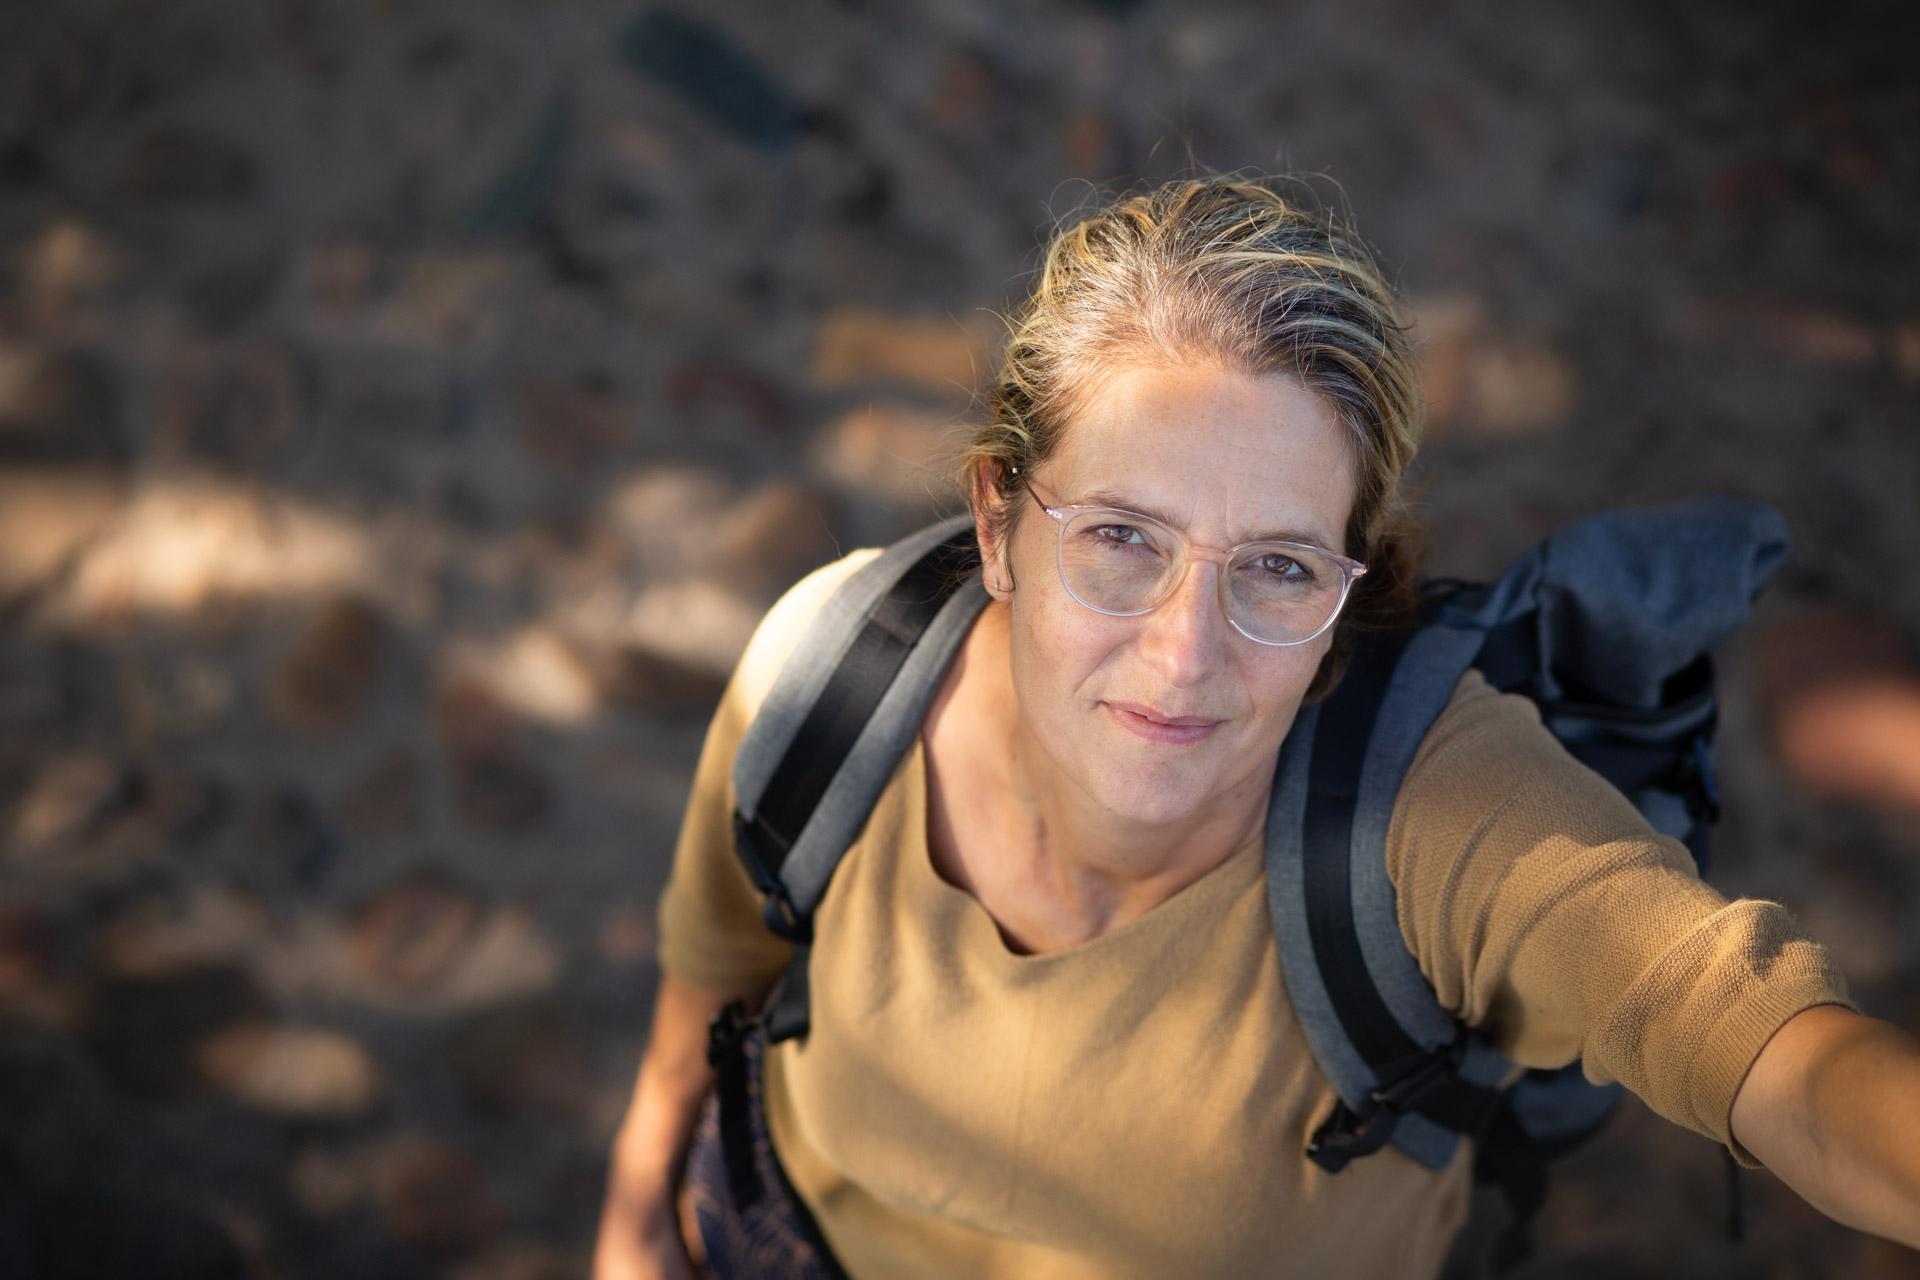 Marinke Fotografie zelfportret